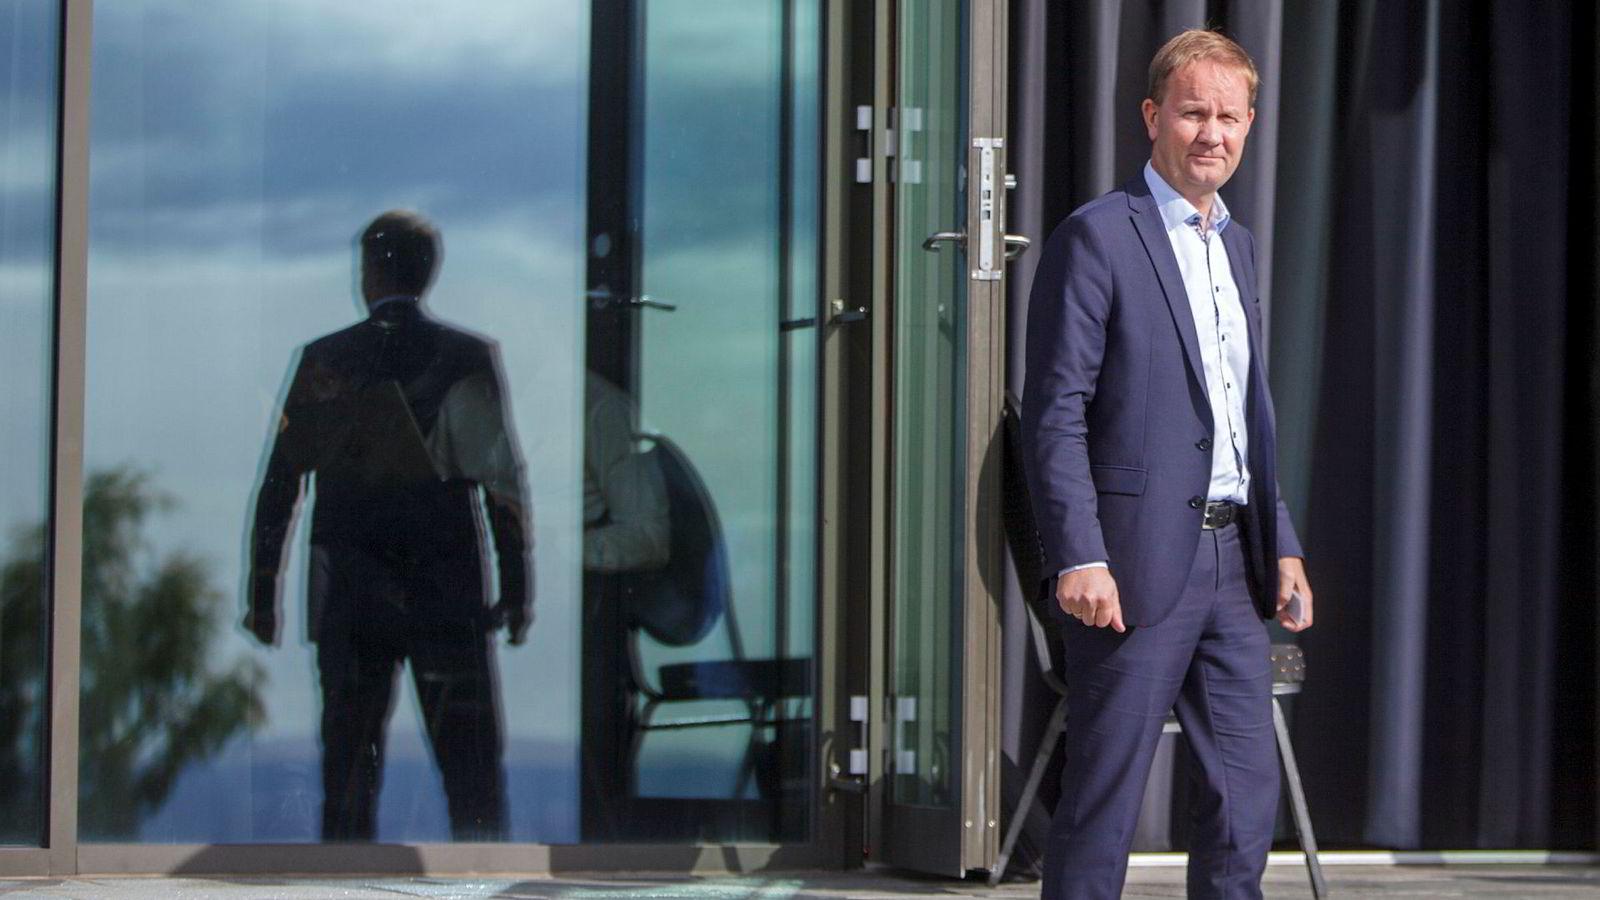 Administrerende direktør Lars Peder Solstad i Solstad Farstad tror markedet for offshorerederiene vil være bra igjen fra 2020 og utover.